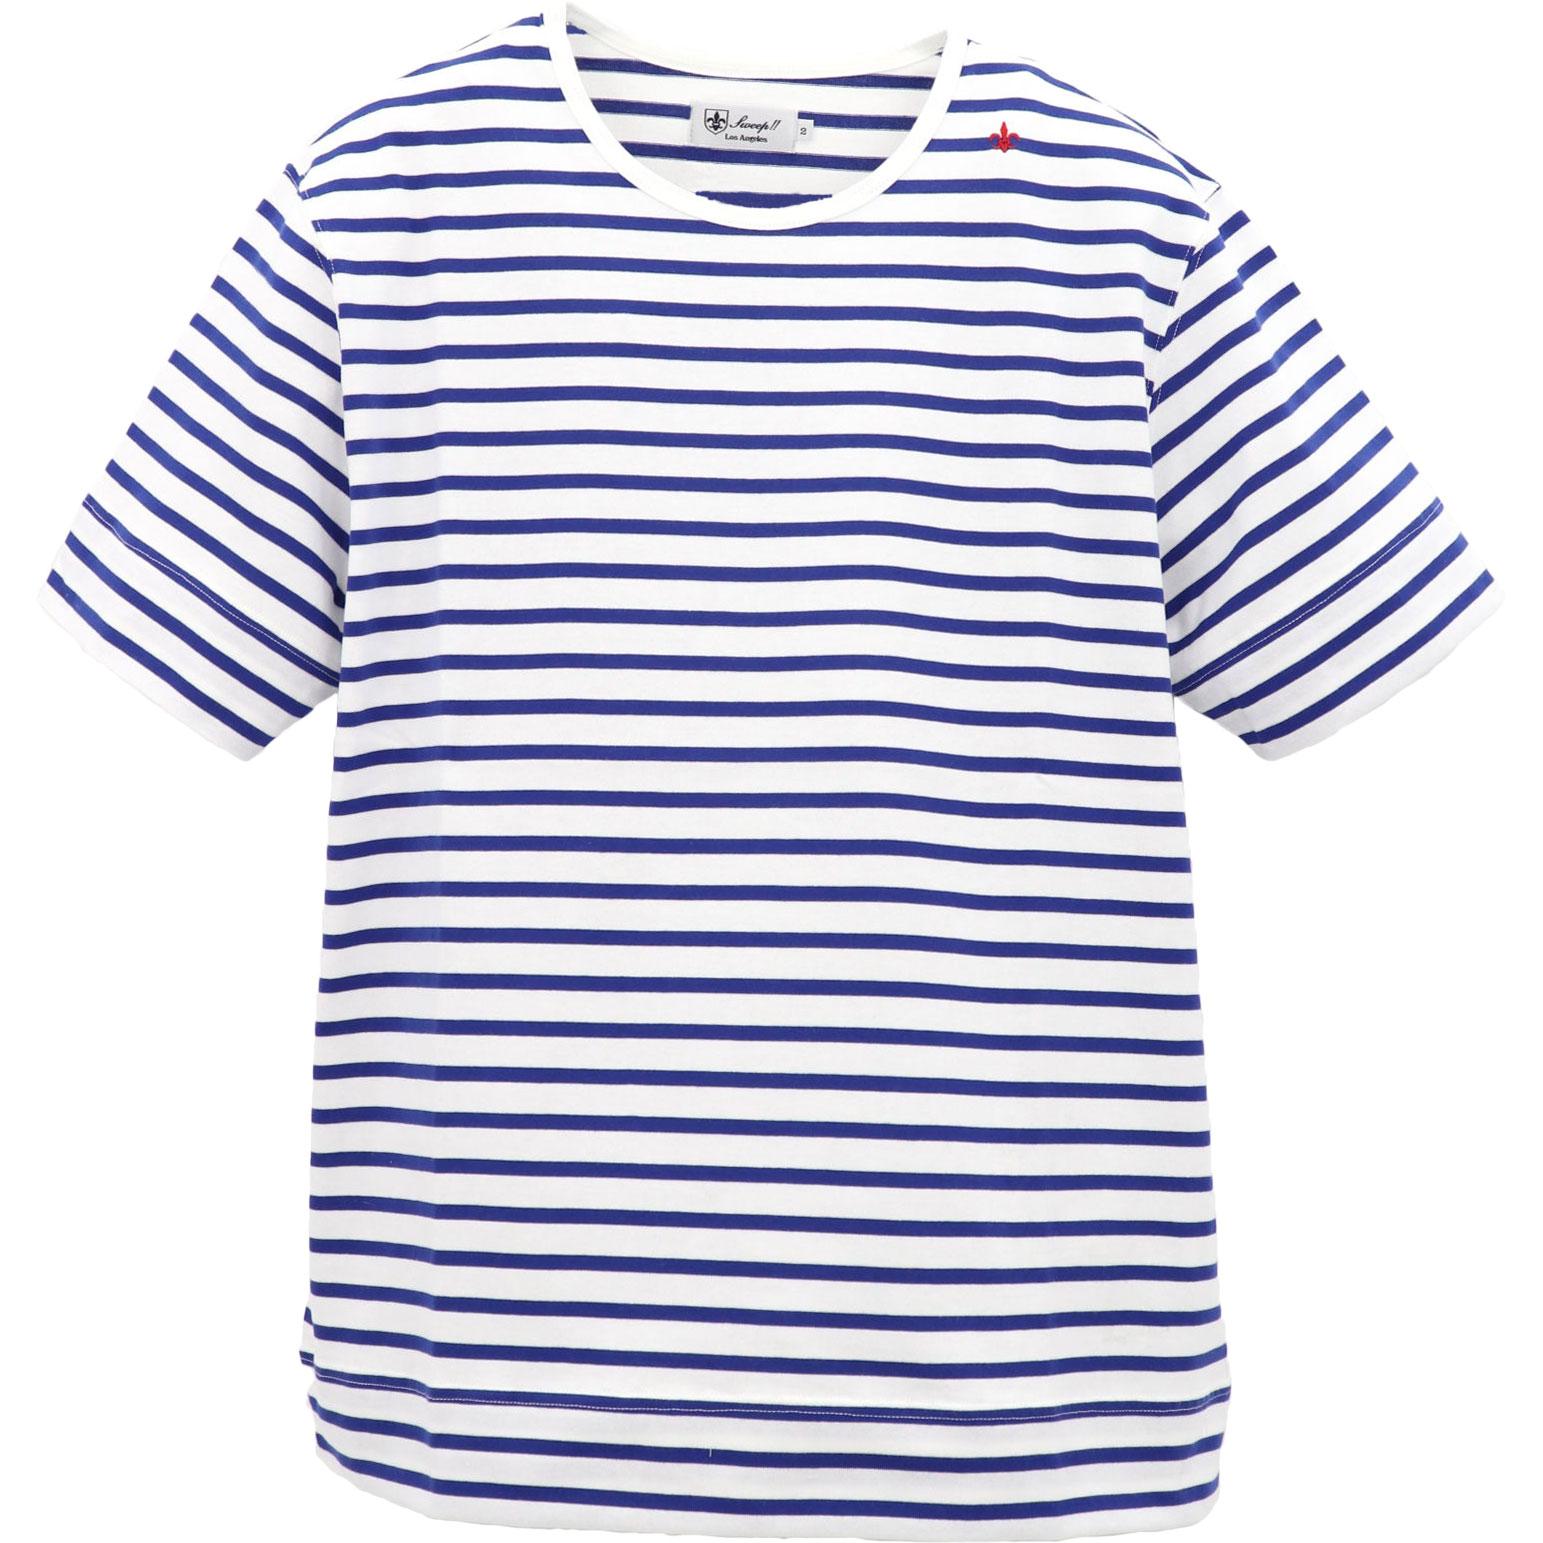 ★定番T-SHIRT ボーダー クルーネック  Tシャツ SL160002 NAVY×WHITE(ネイビー×ホワイト)